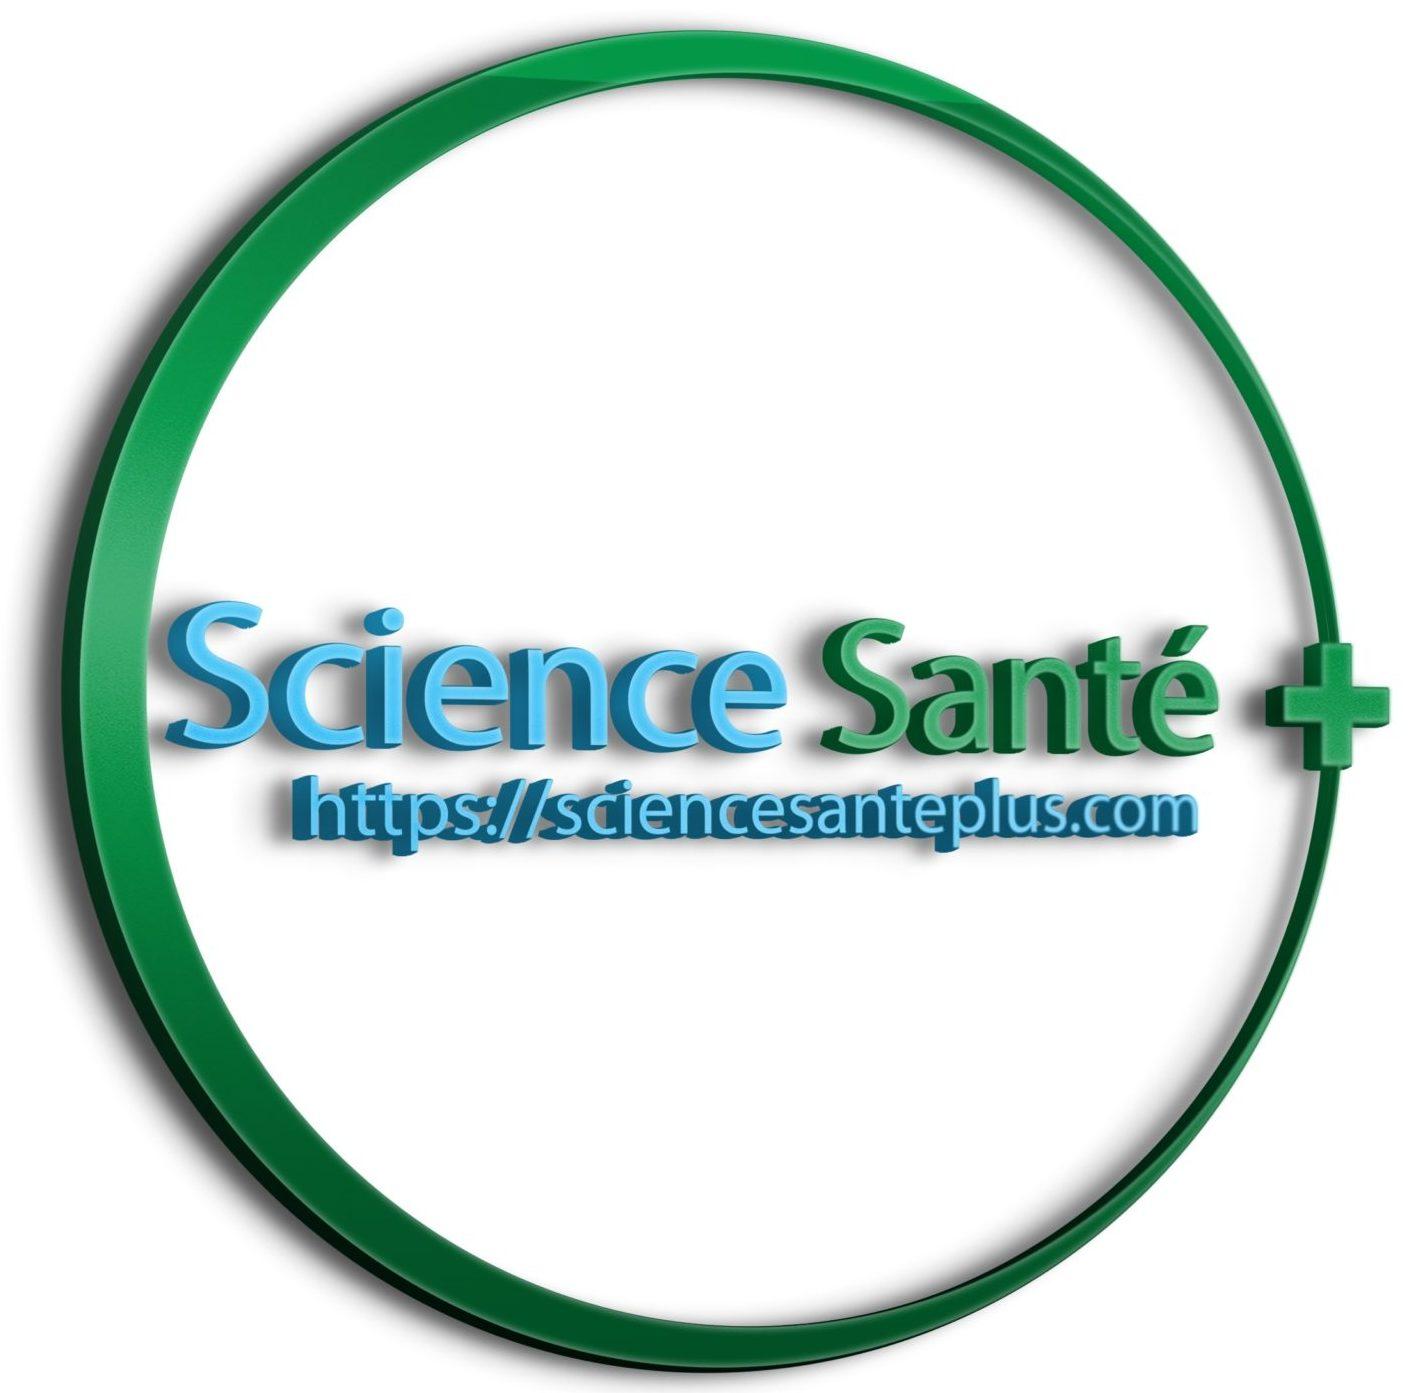 Science Santé+